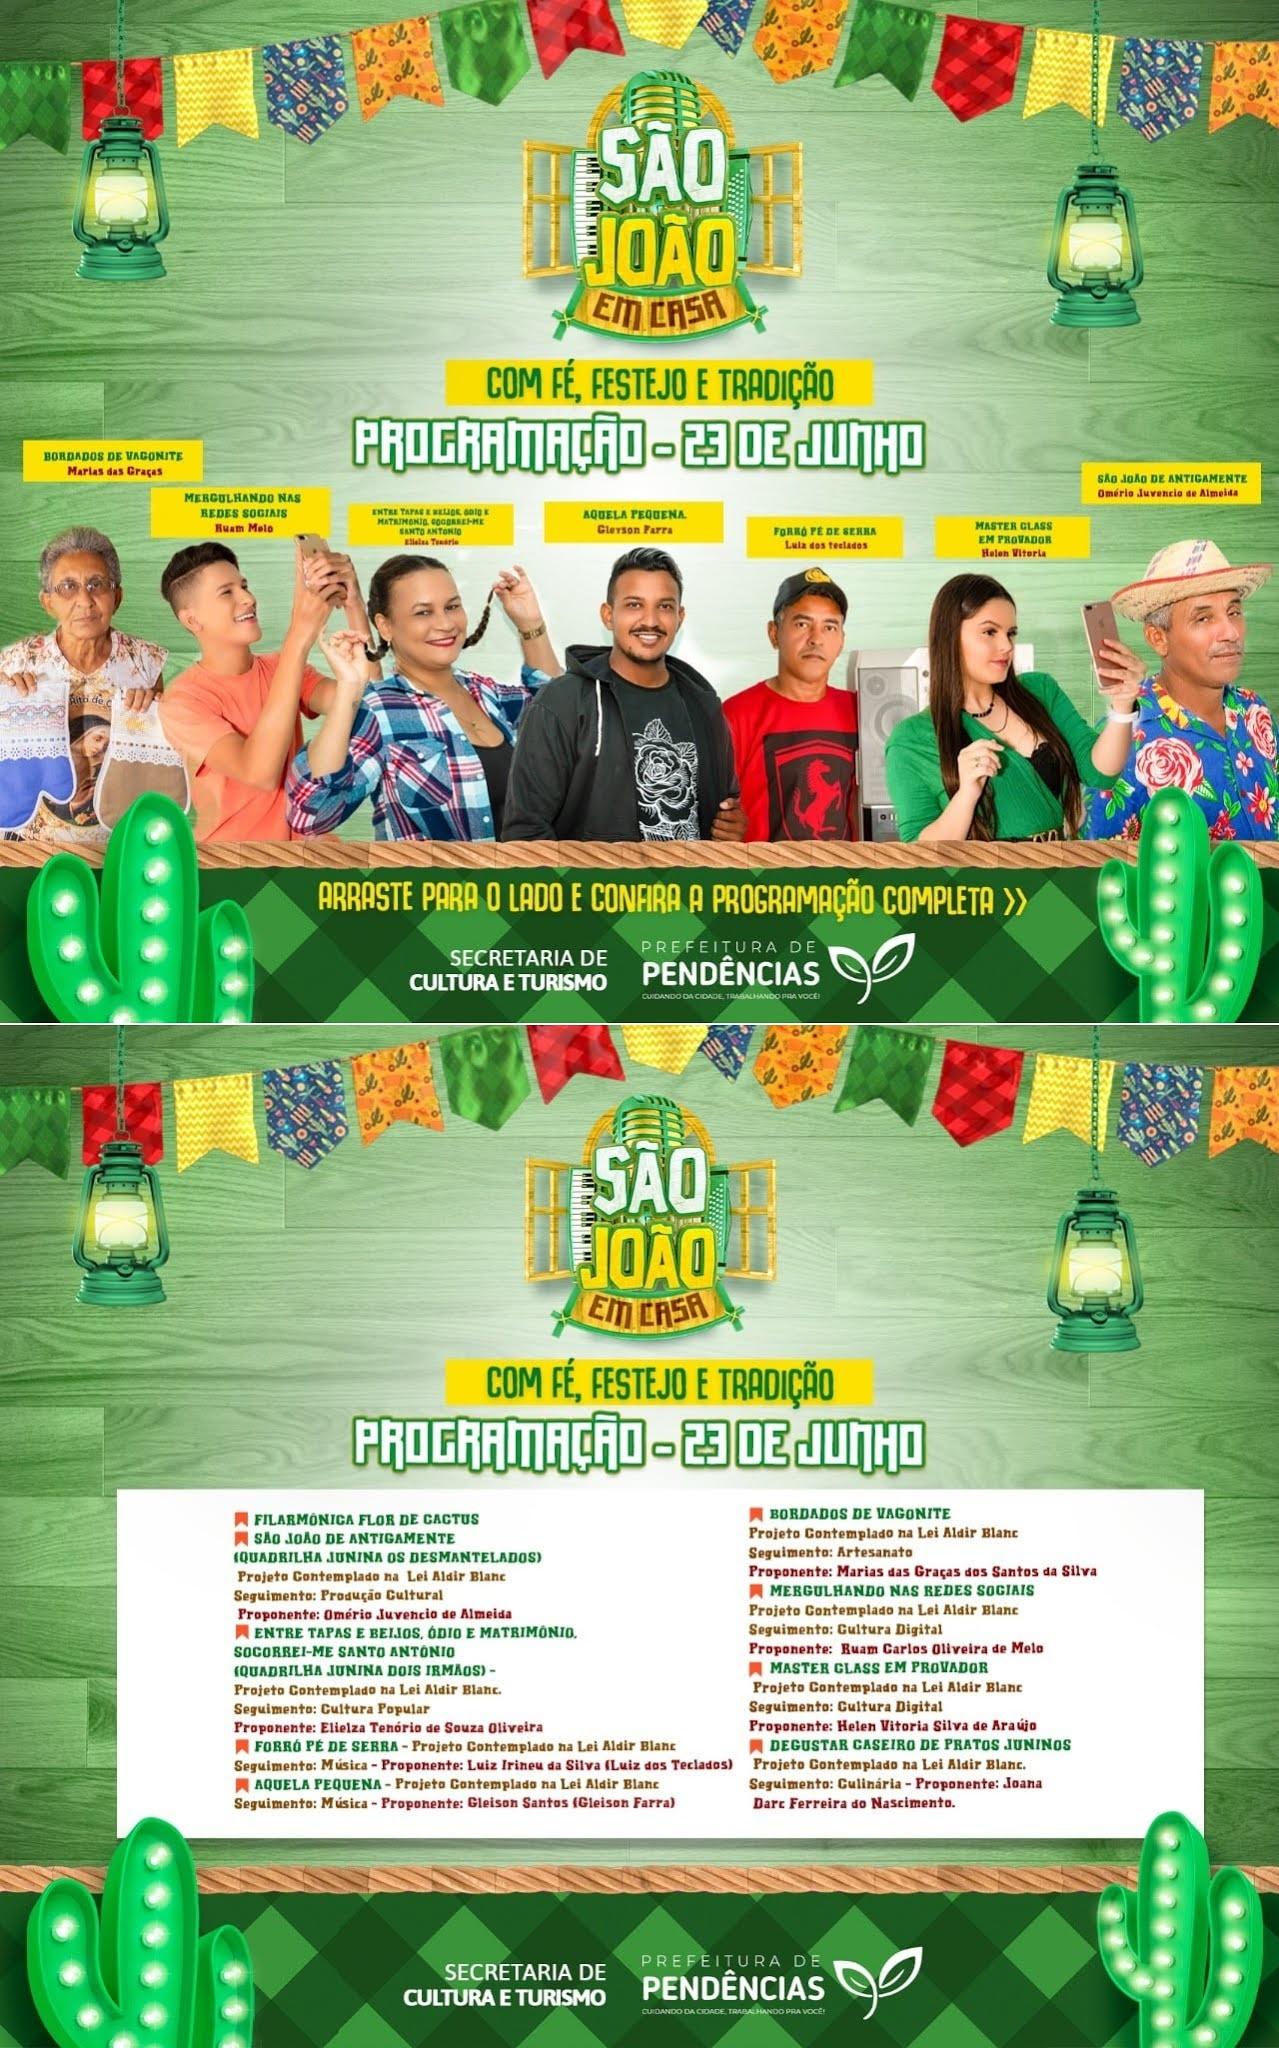 Flaudivan Martins divulga programação para o São João